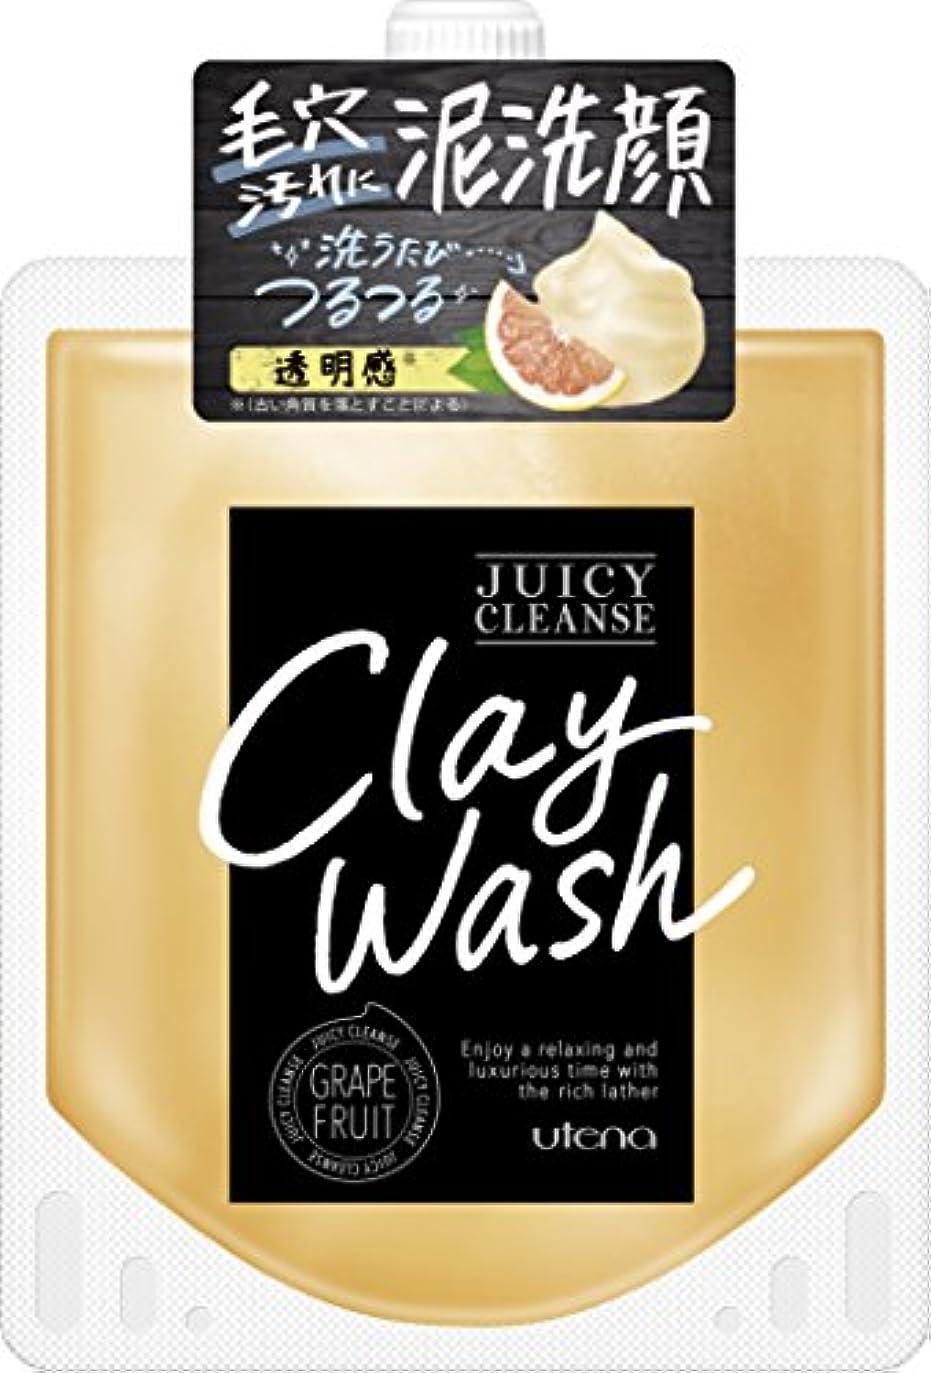 マリナーナラーバー異なるJUICY CLEANSE(ジューシィクレンズ) クレイウォッシュ グレープフルーツ 110g